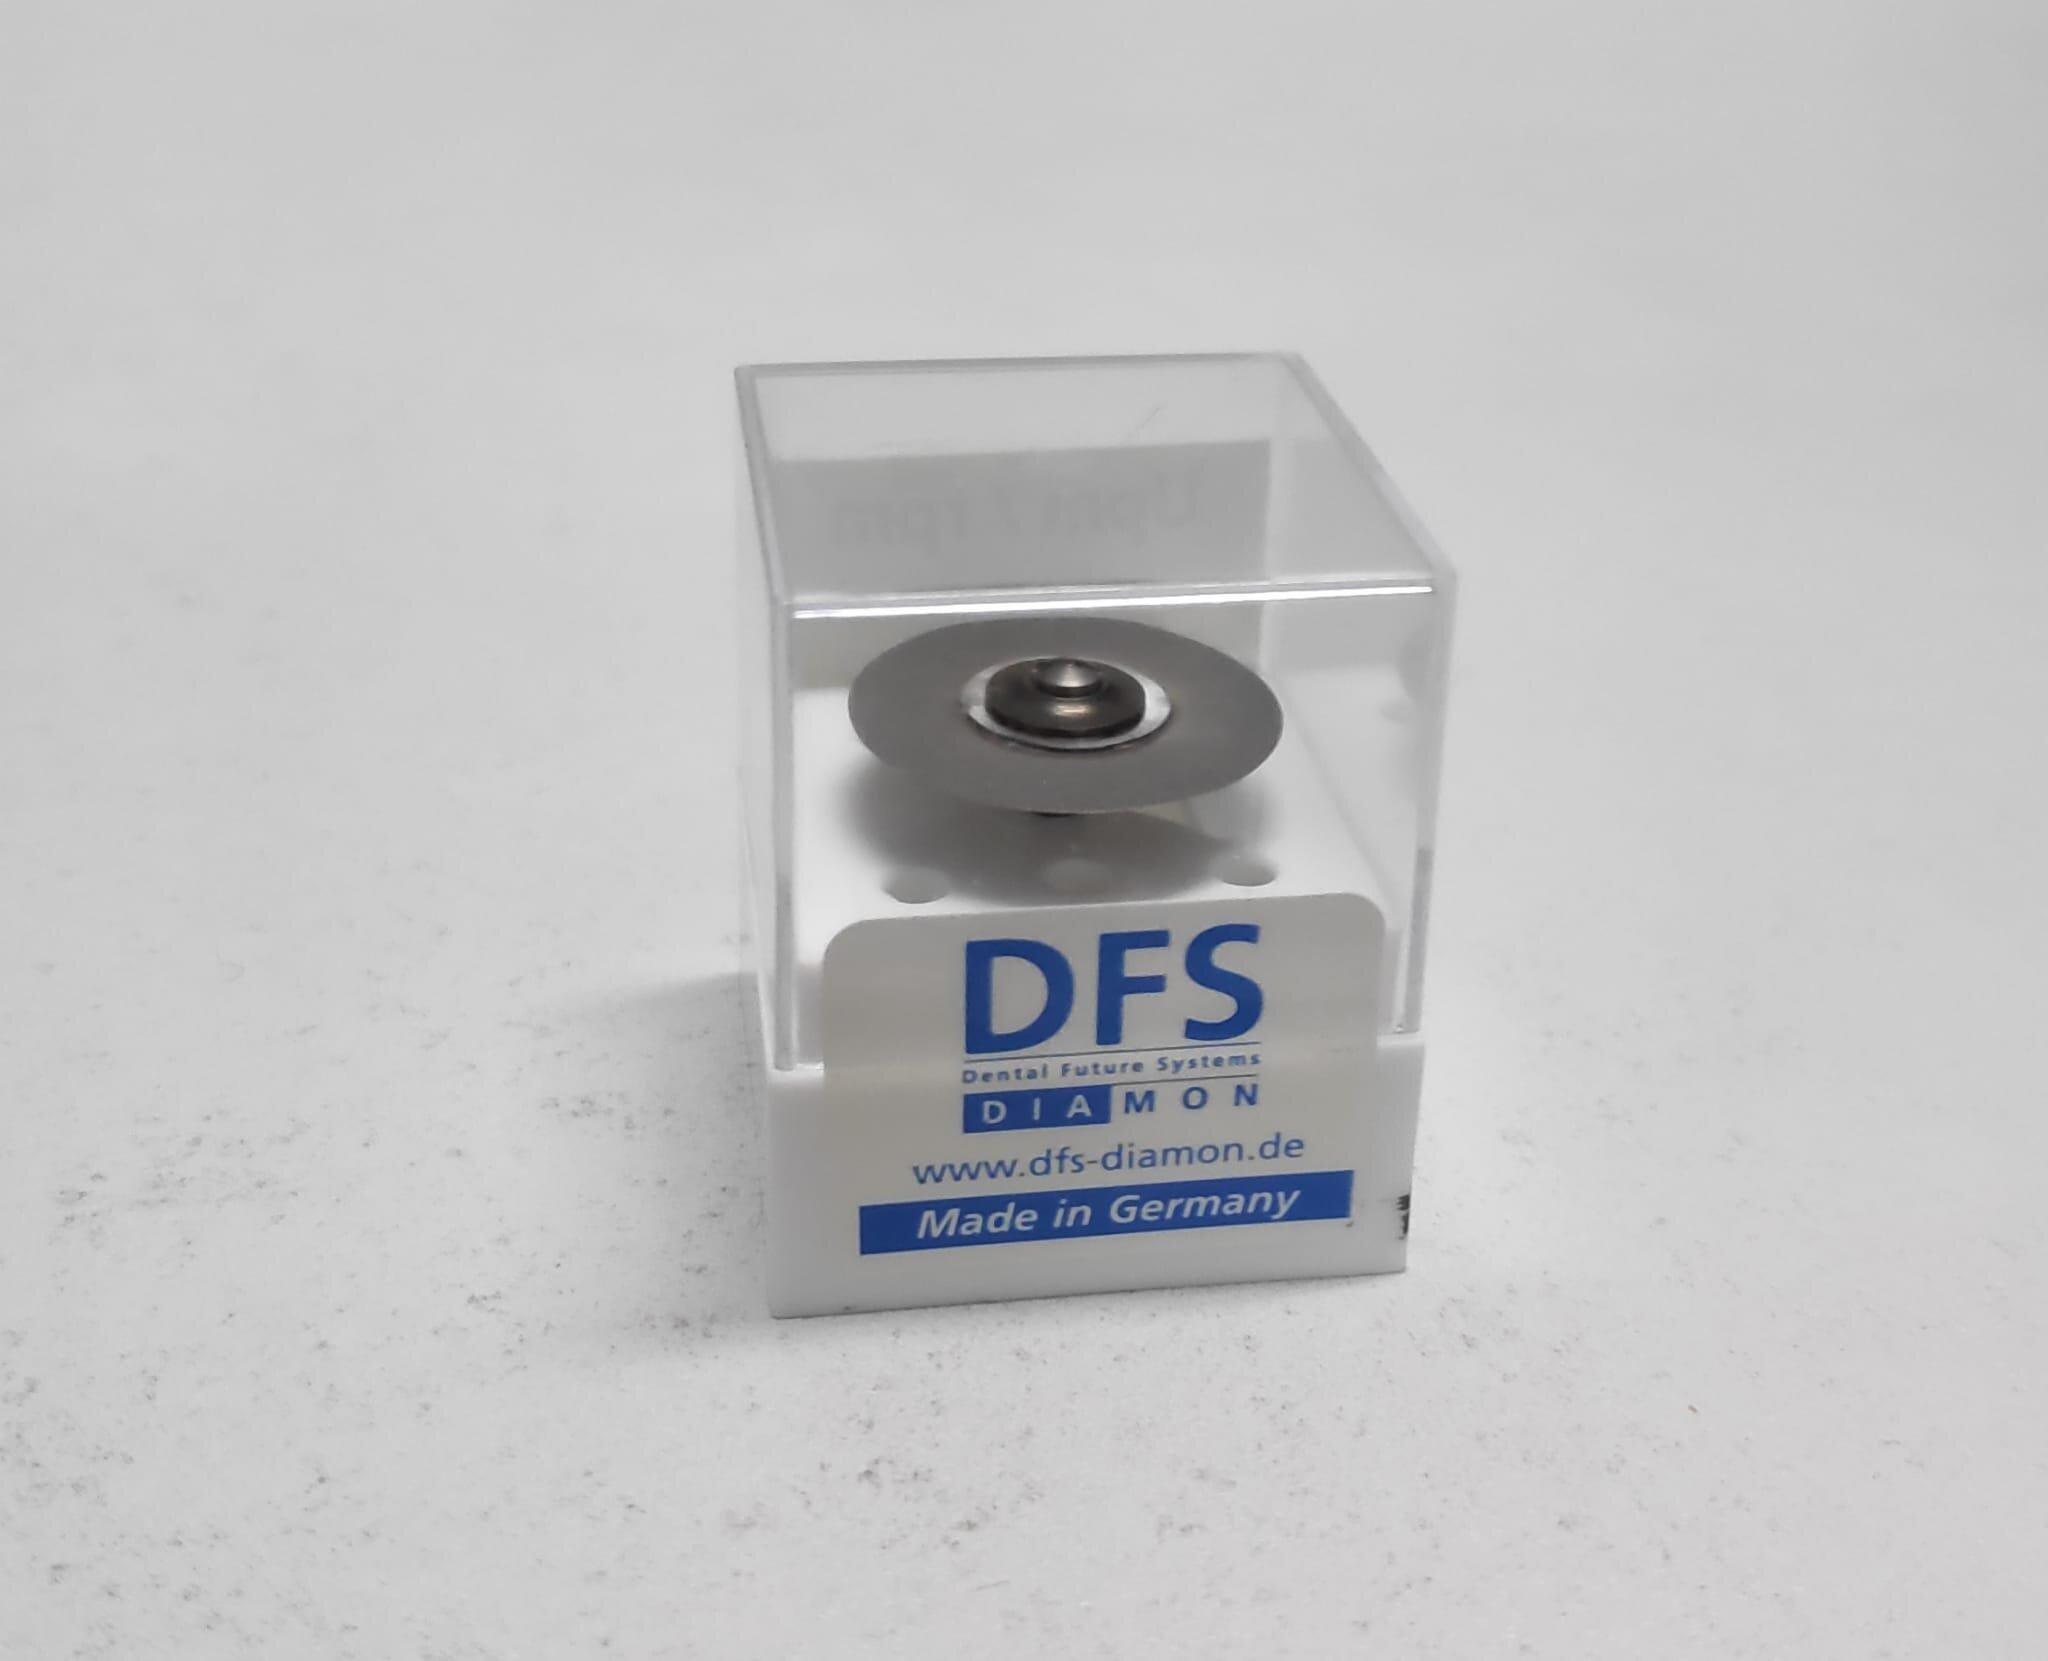 DFS DIAMON DISCO CONTRAÁNGULO PARA STRIPPING MUY DELGADO Y FLEXIBLE CON DIAMANTE A UNA SOLA CARA